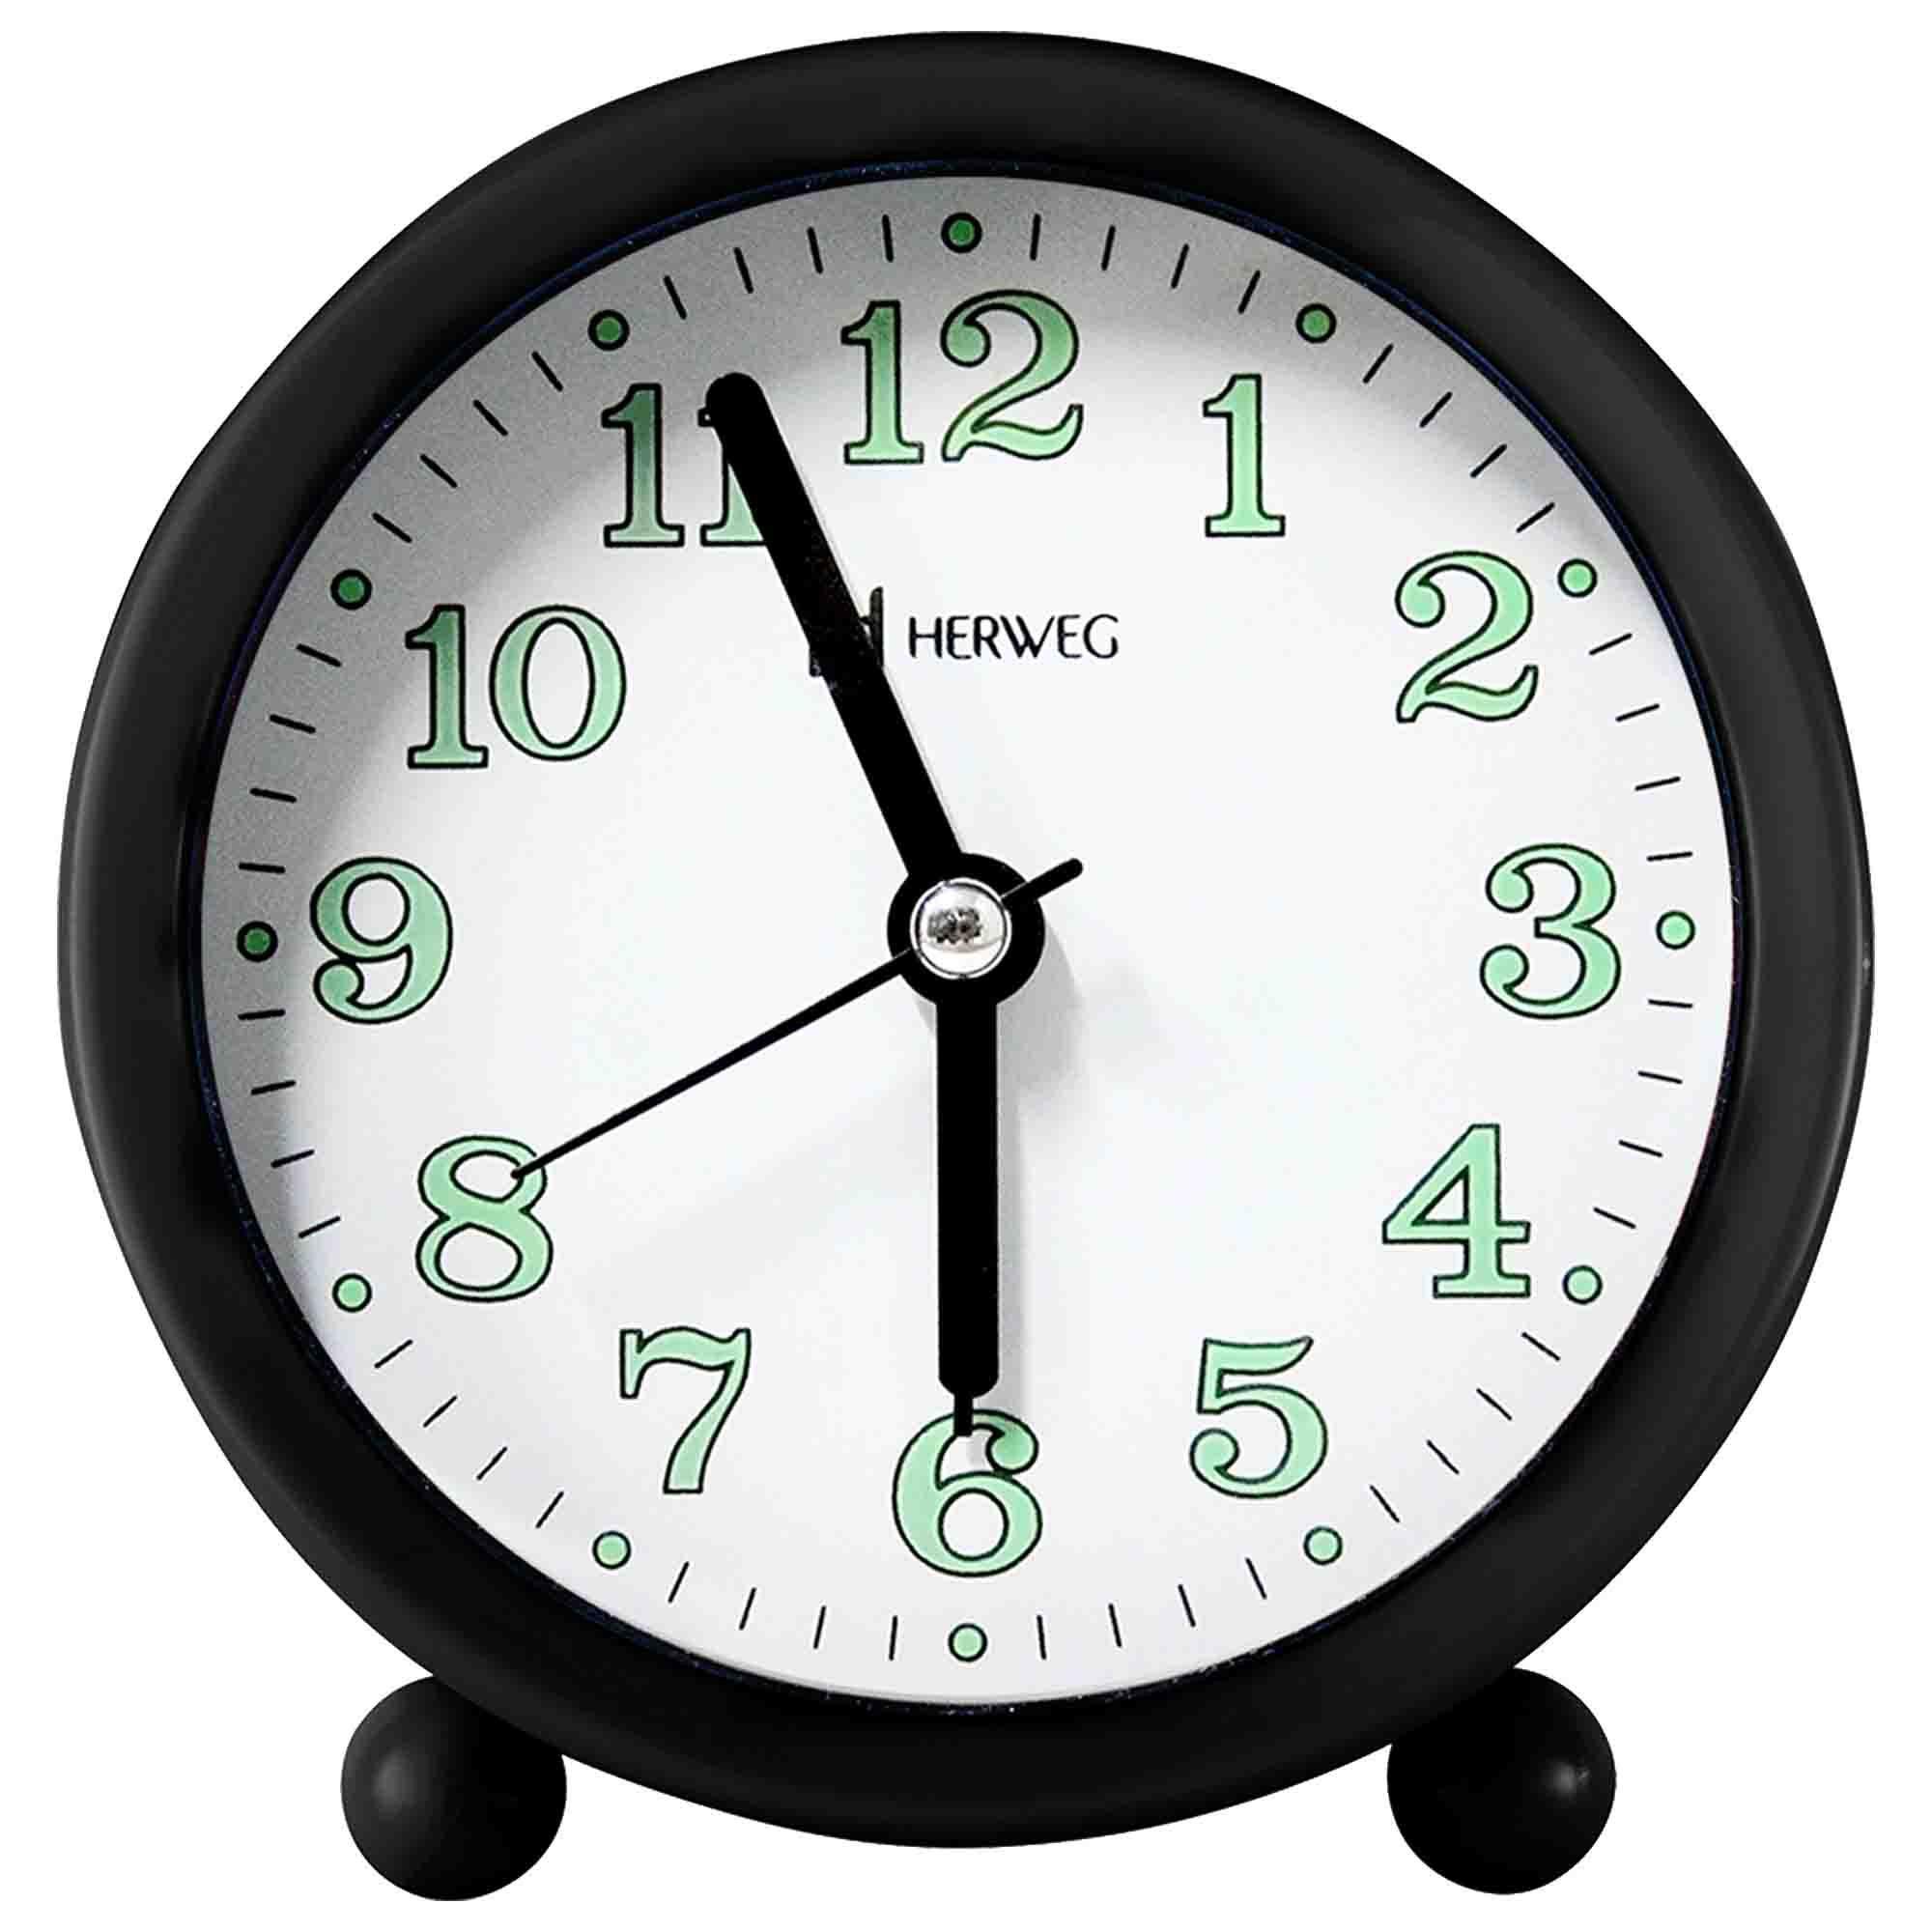 Despertador Analógico Quartzo Herweg 2713 034 Preto